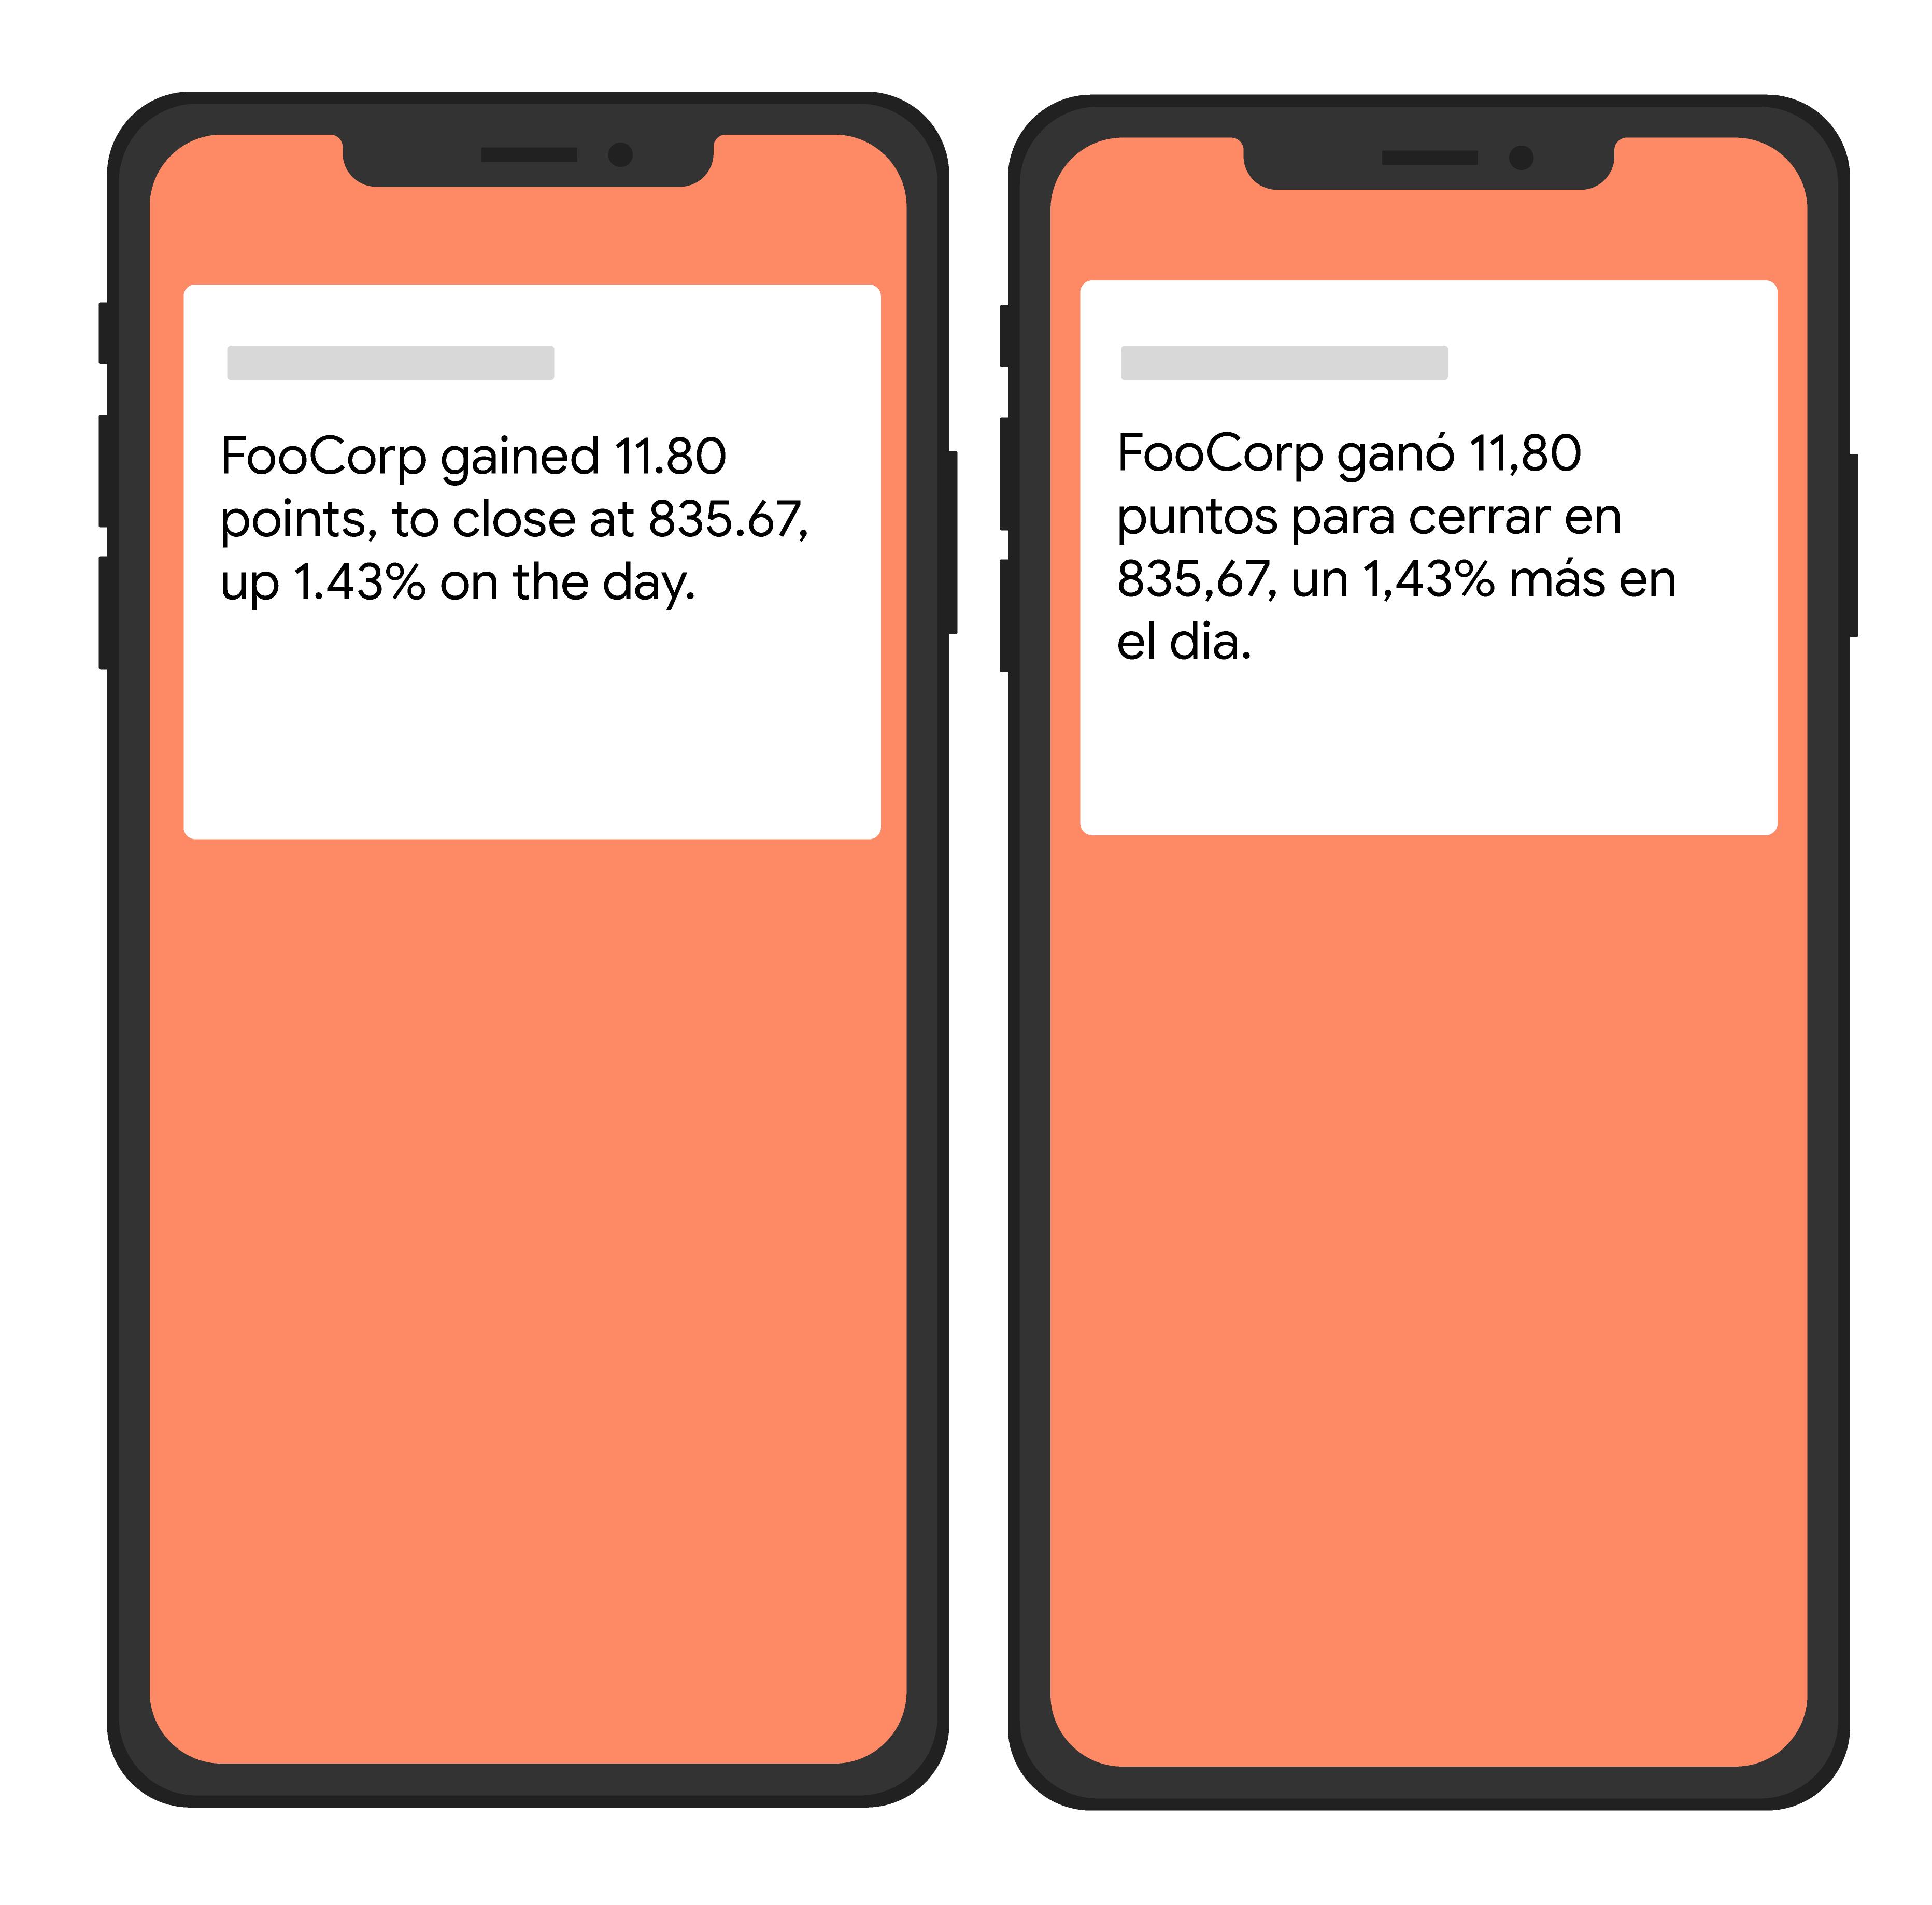 英語とスペイン語でテキストを表示する 2 台のデバイスのシンプルな図